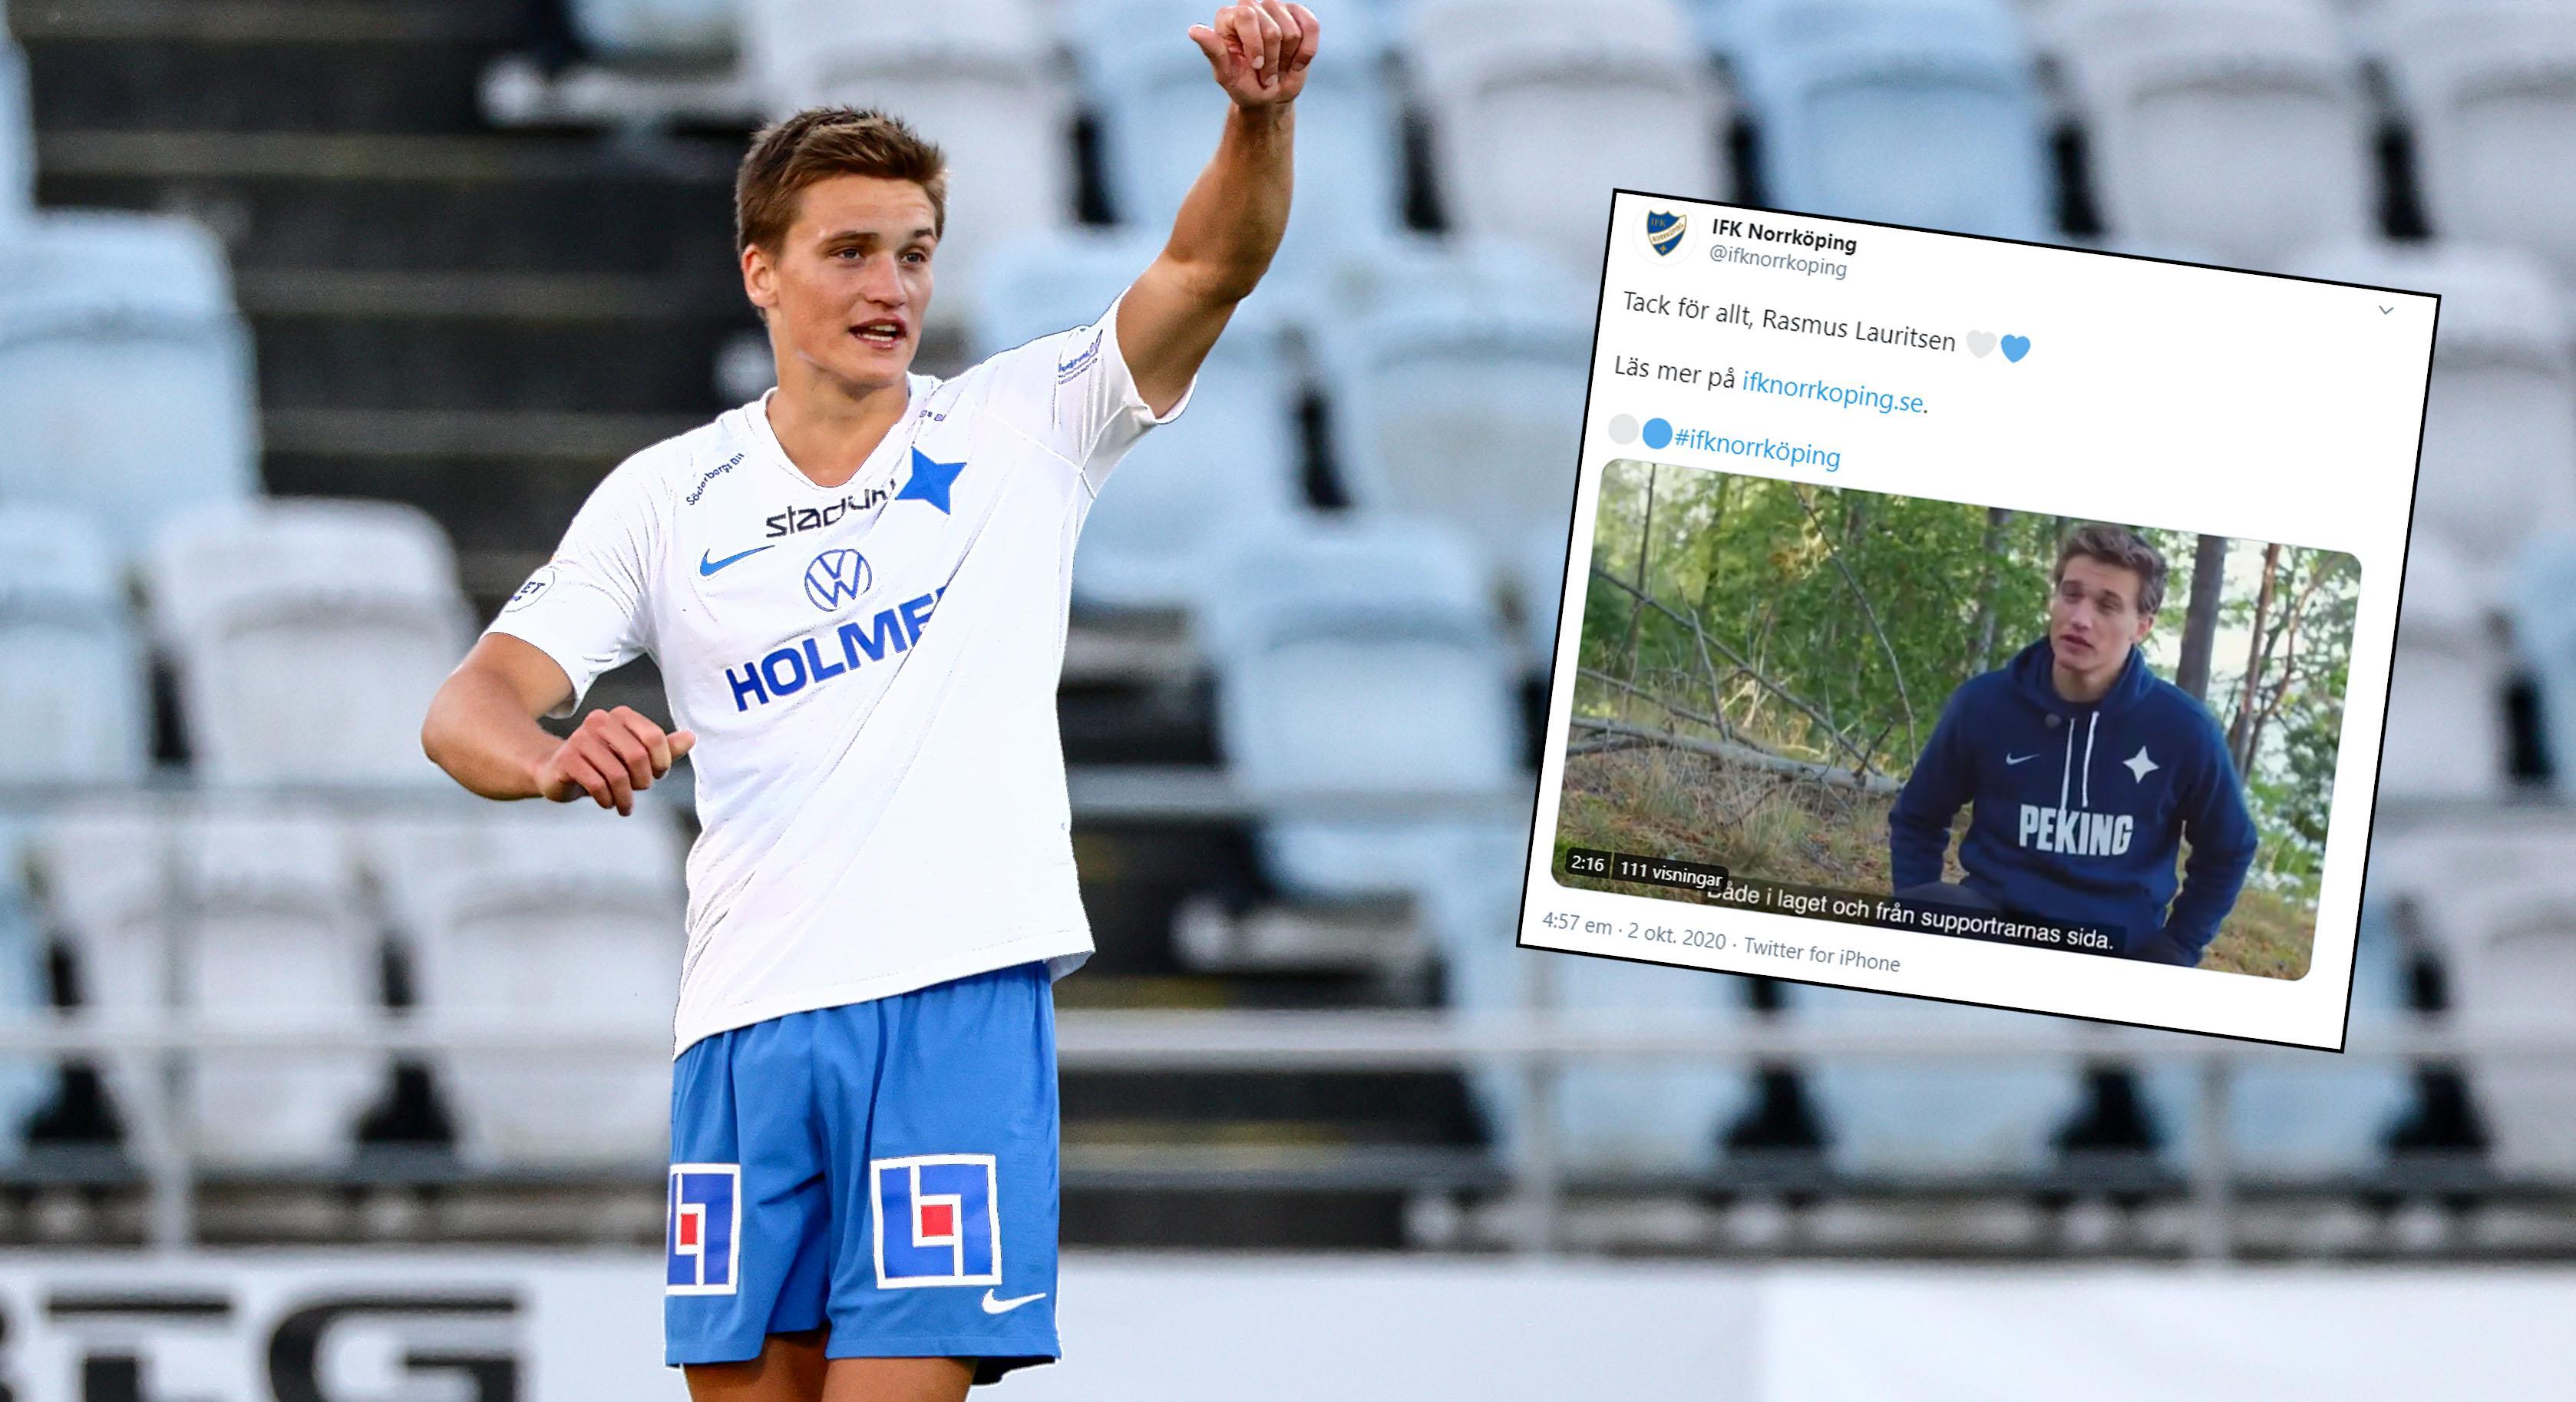 Officiellt: Rasmus Lauritsen lämnar IFK Norrköping för kroatisk klubb